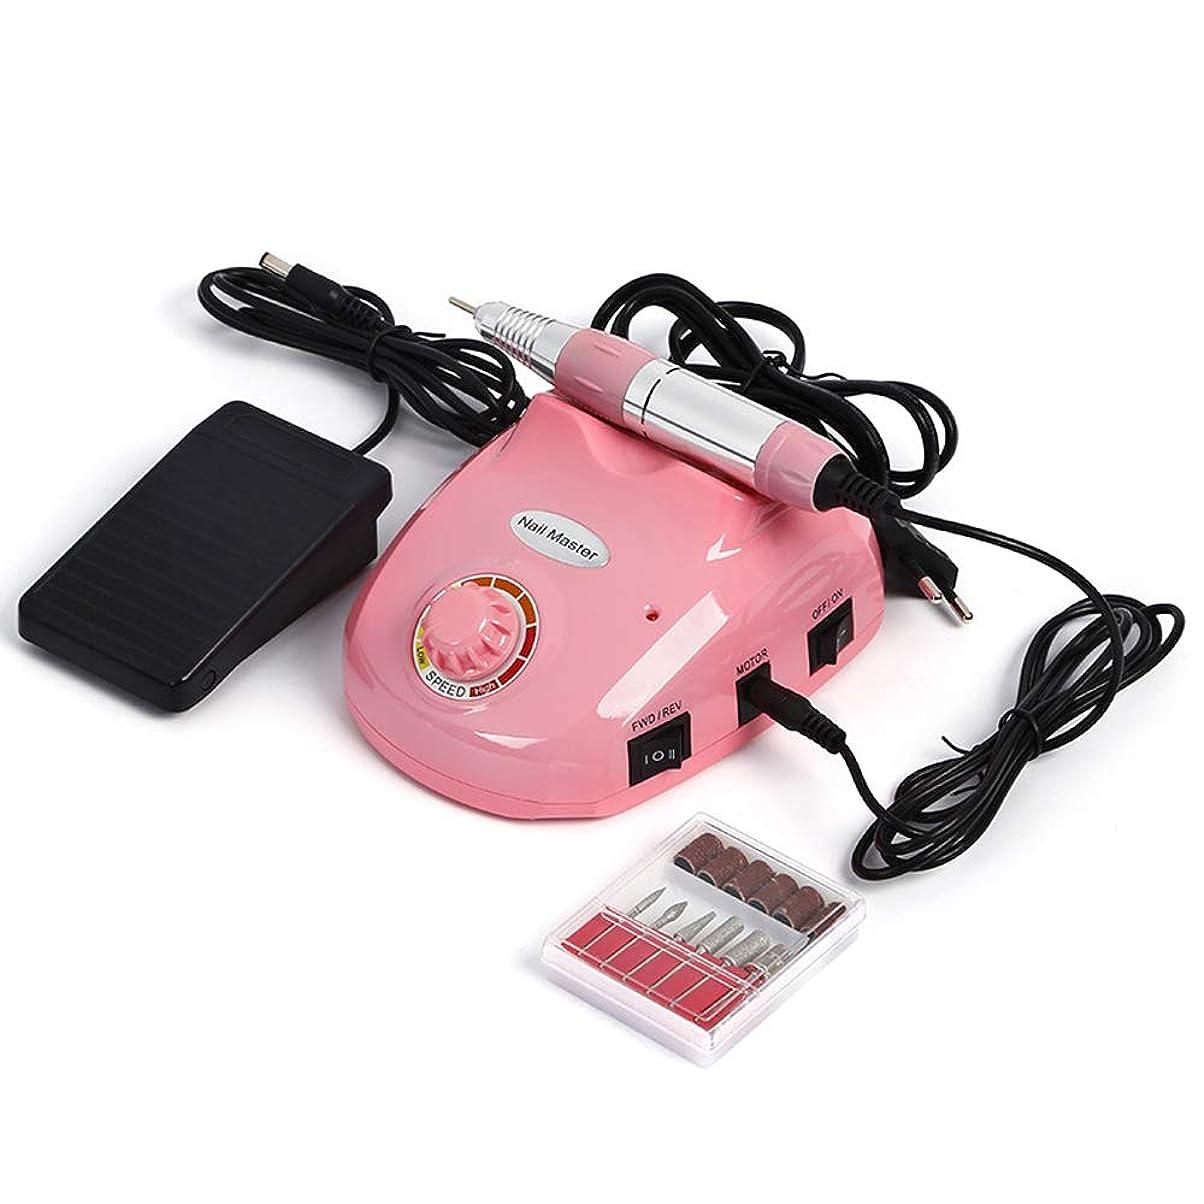 線非効率的なフラフープ電動ネイルドリル、アクリルネイル用のプロフェッショナルネイルドリルジェルネイルグレイジングネイルドリルネイルアートポリッシャーセットグレイジングネイルドリルファストマニキュアペディキュア,Pink